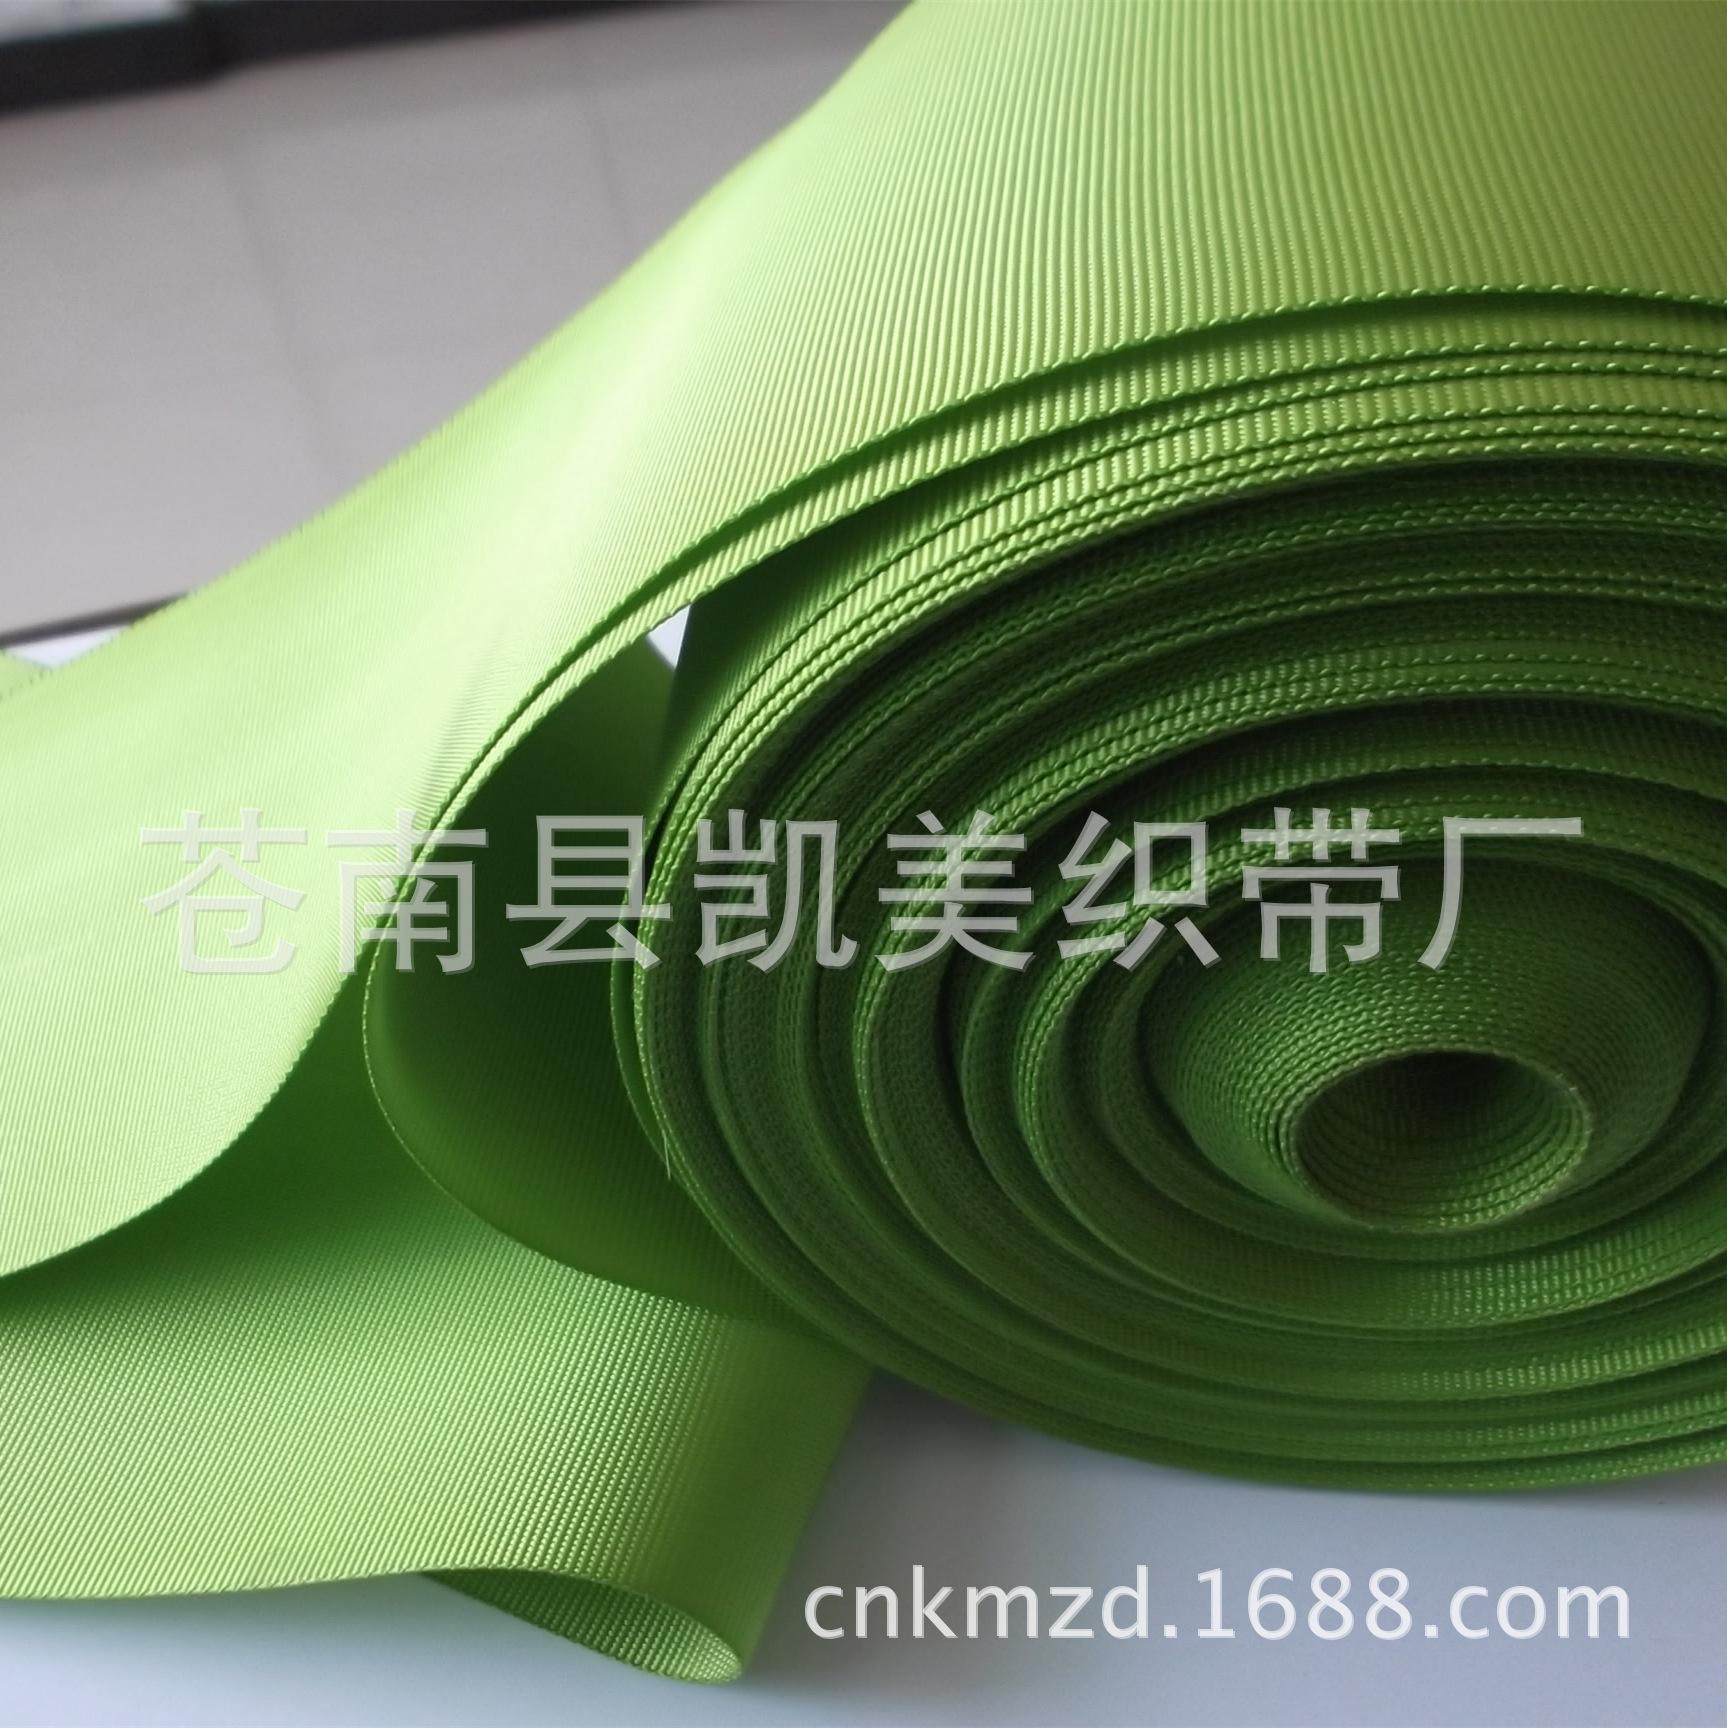 供应用于电线隔离带的100mm特宽平纹带  超宽涤纶织带